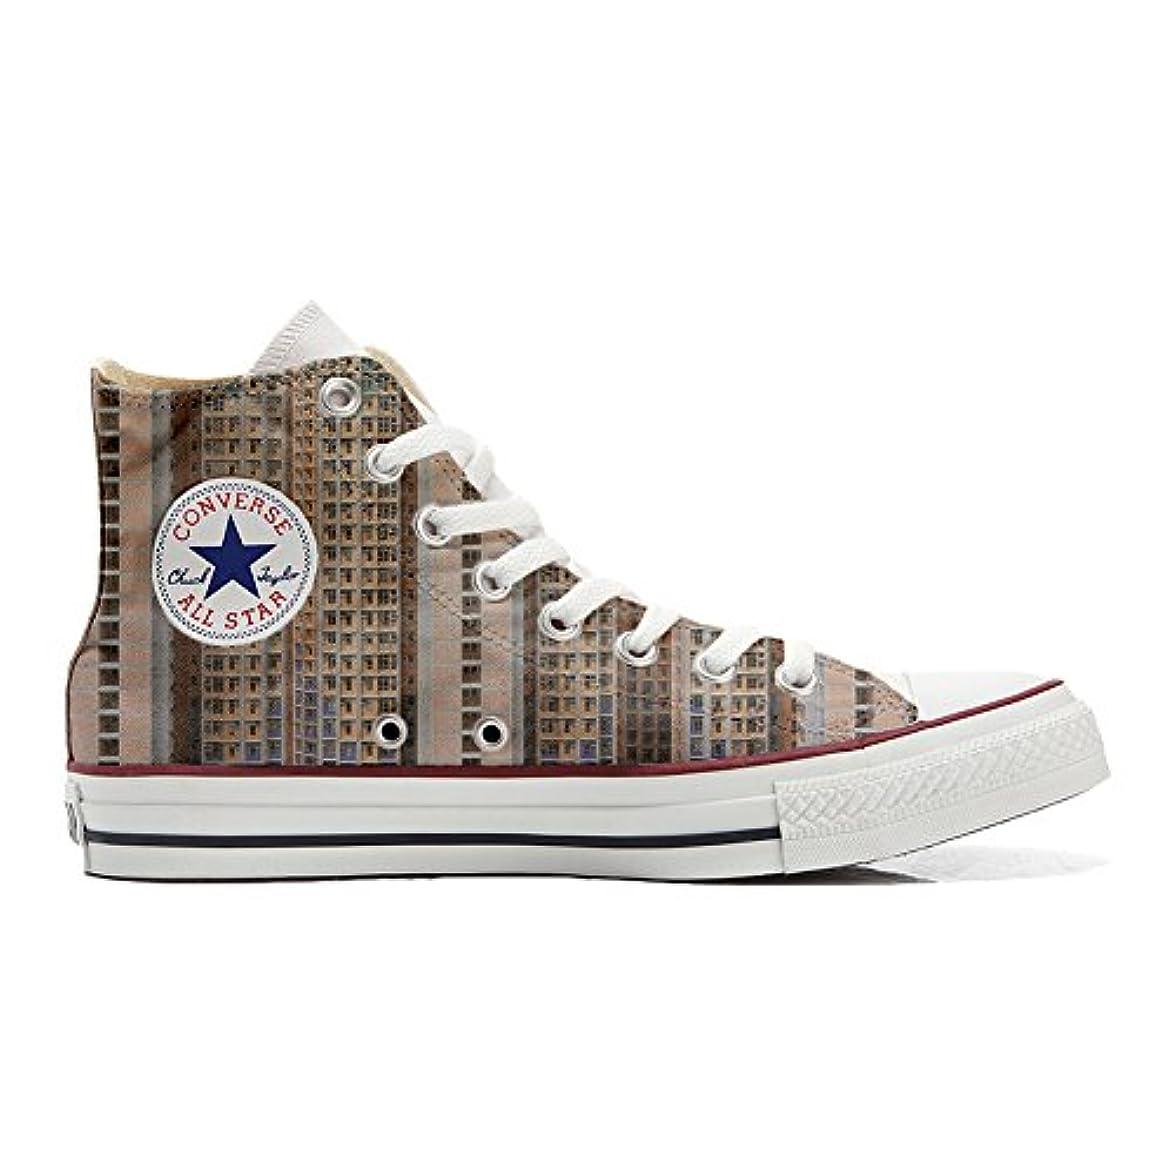 Converse All Star Scarpe Personalizzate scarpe Artigianali Architecture Of Density